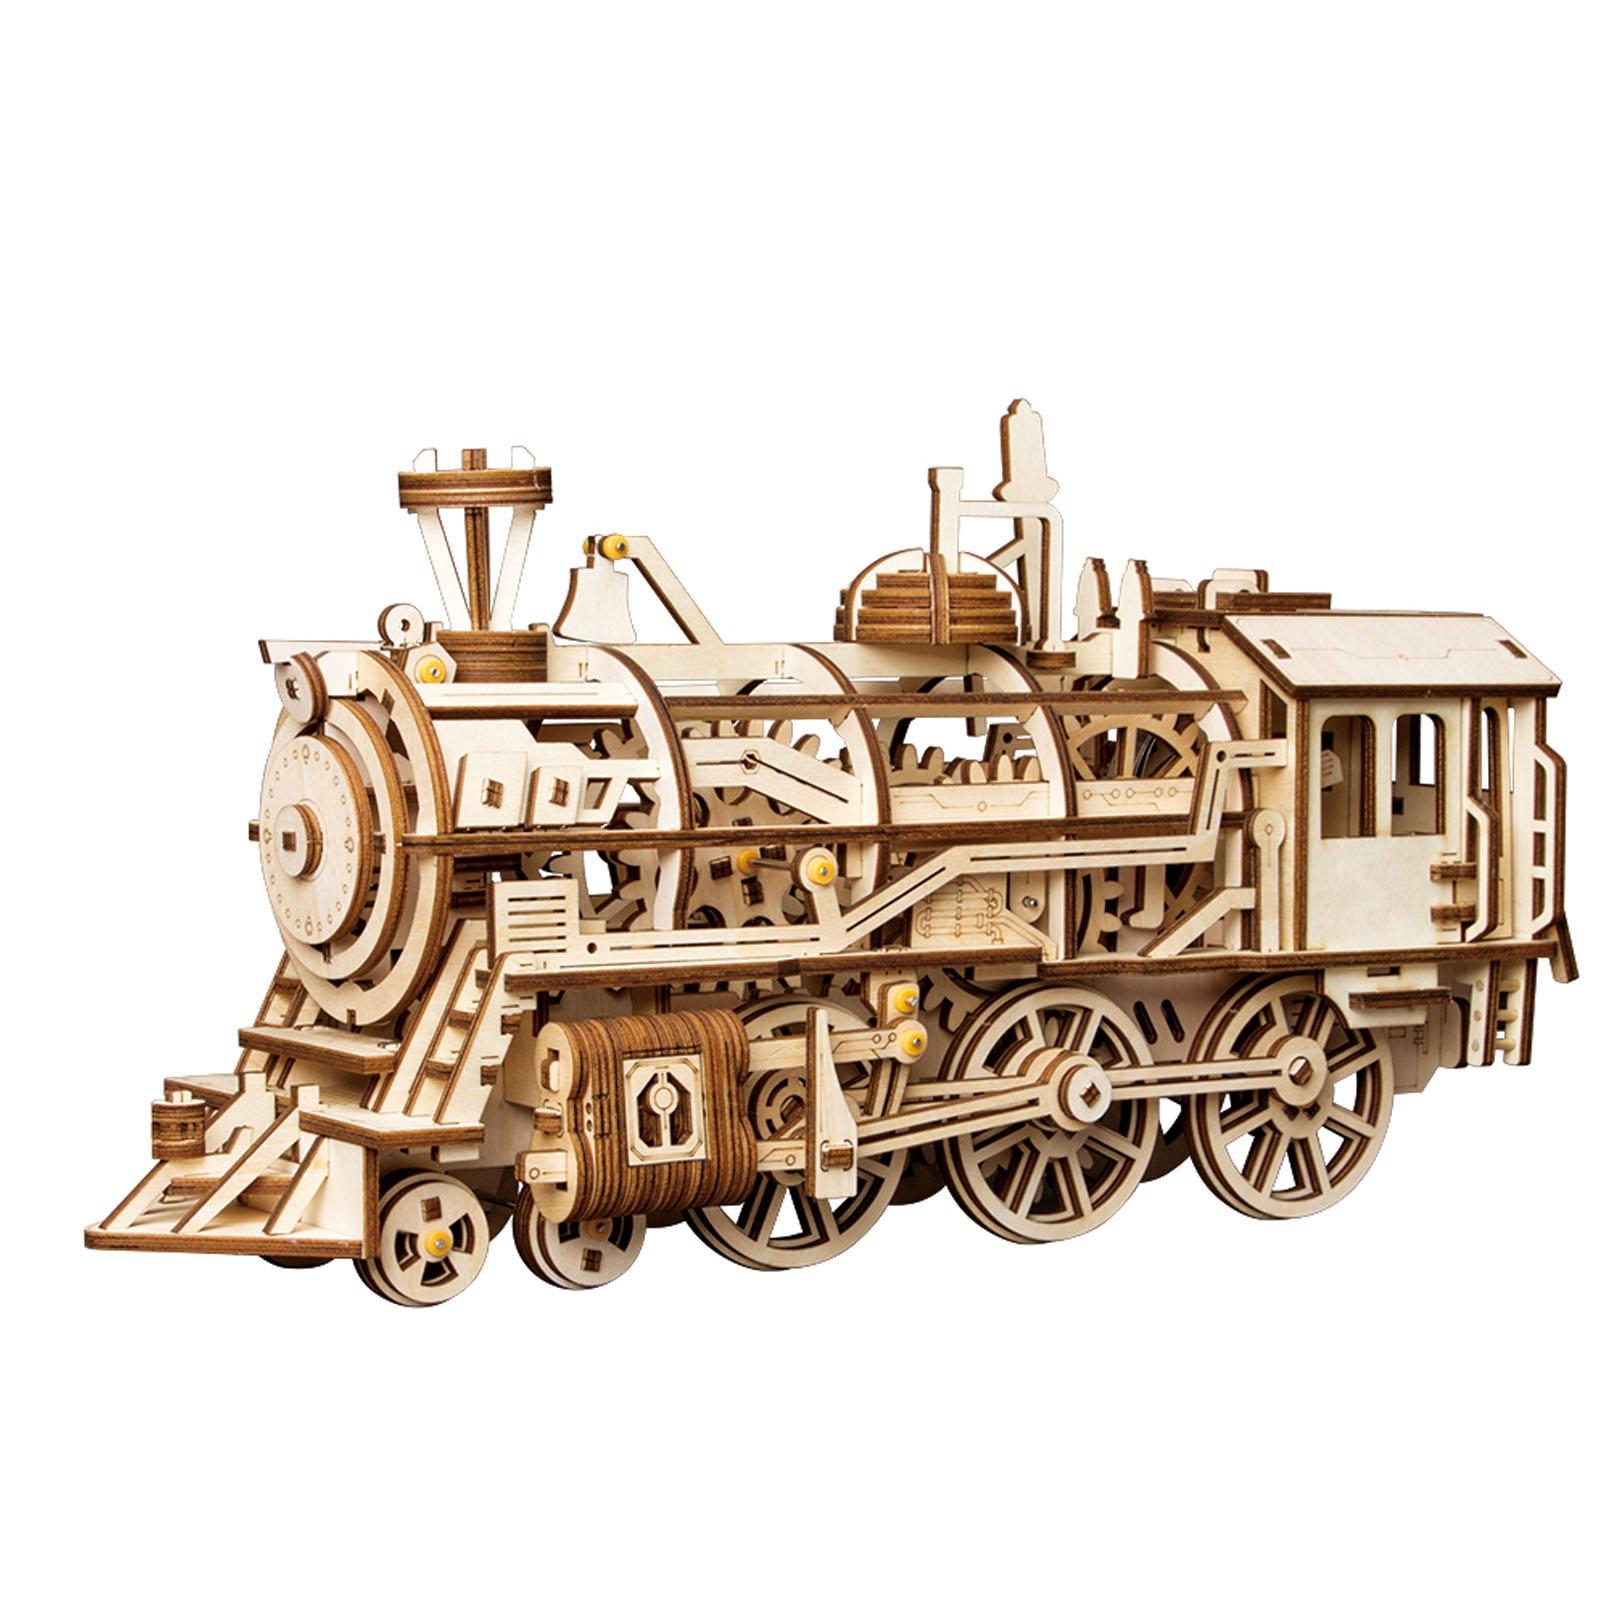 ROBOTIME 動く木製パズル 機関車 LOCOMOTIVE ぜんまい式 レーザーカット 日本語訳説明書付き 349ピース 約370×120×185mm LK701